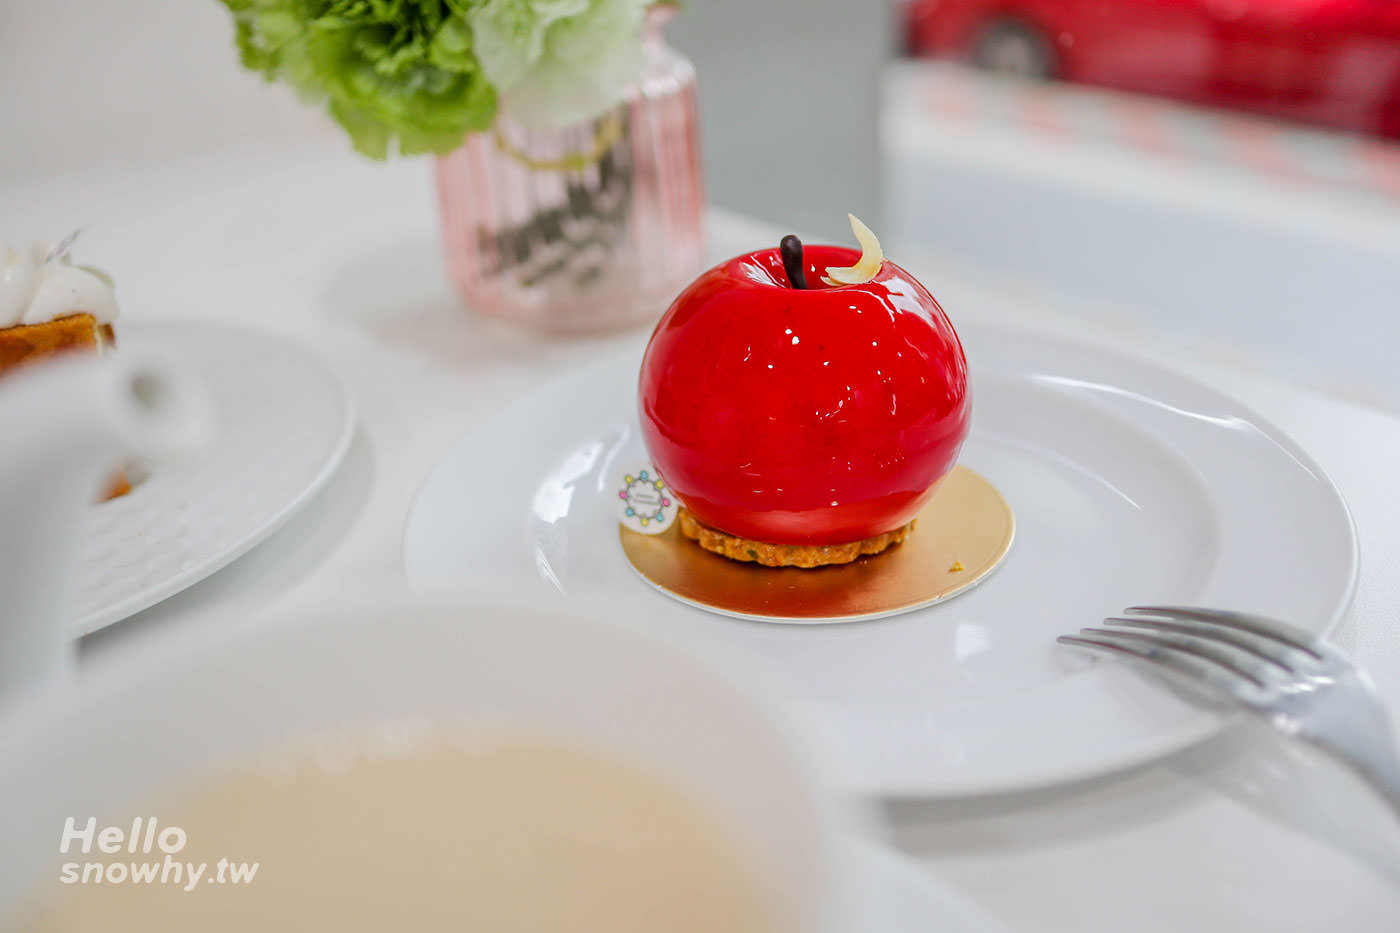 板橋美食,稻町森法式甜點舖,Jouons Ensemble Pâtisserie,板橋甜點,板橋四大甜店點,板橋必吃,板橋